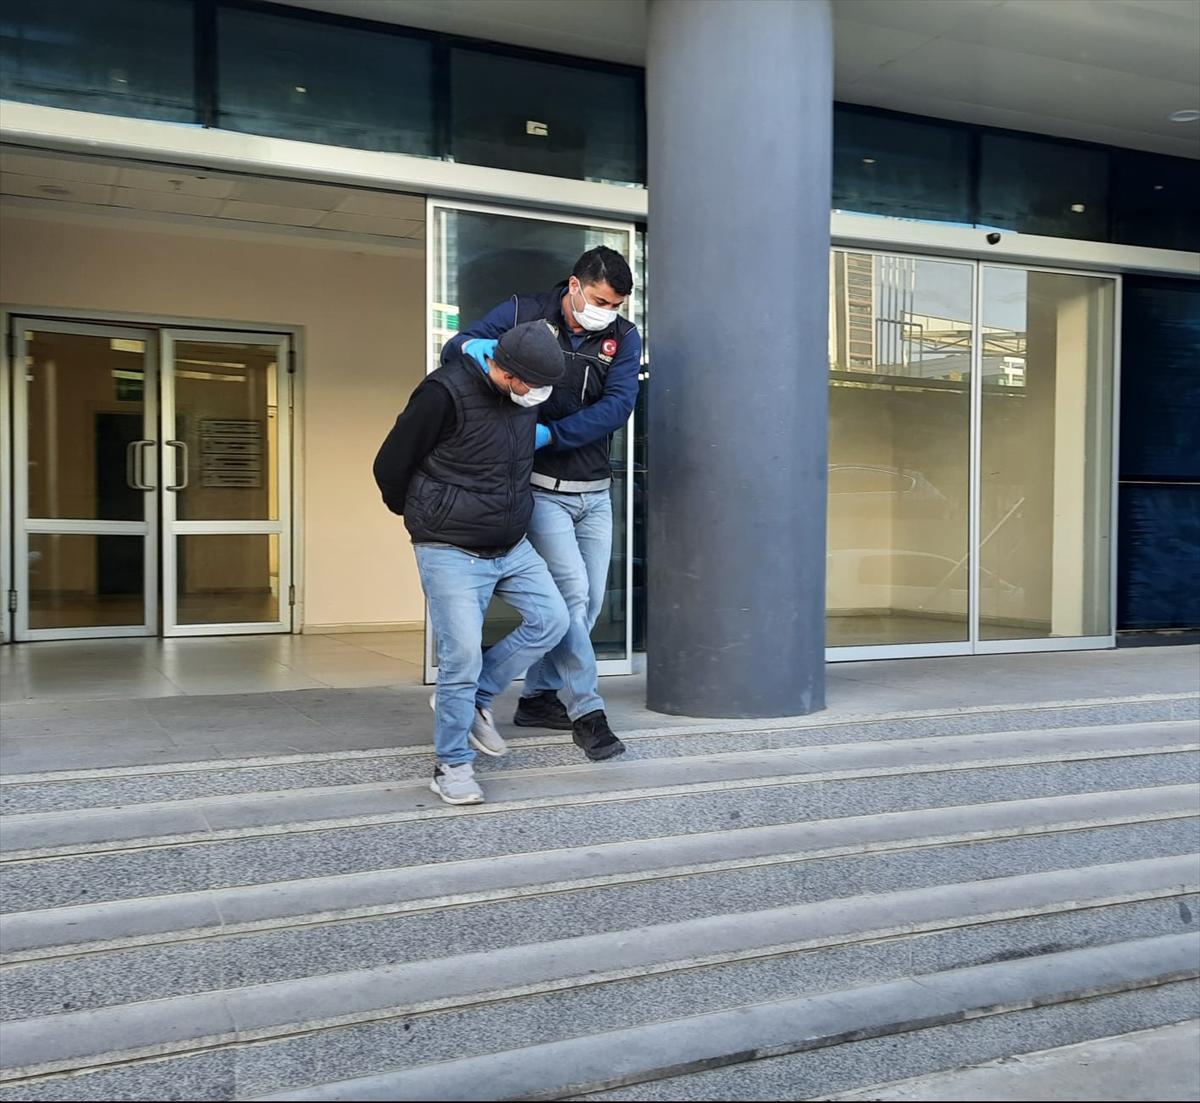 Bursa'daki operasyonda 10,5 kilogram sentetik uyuşturucu bulunduran şahıs gözaltına alındı